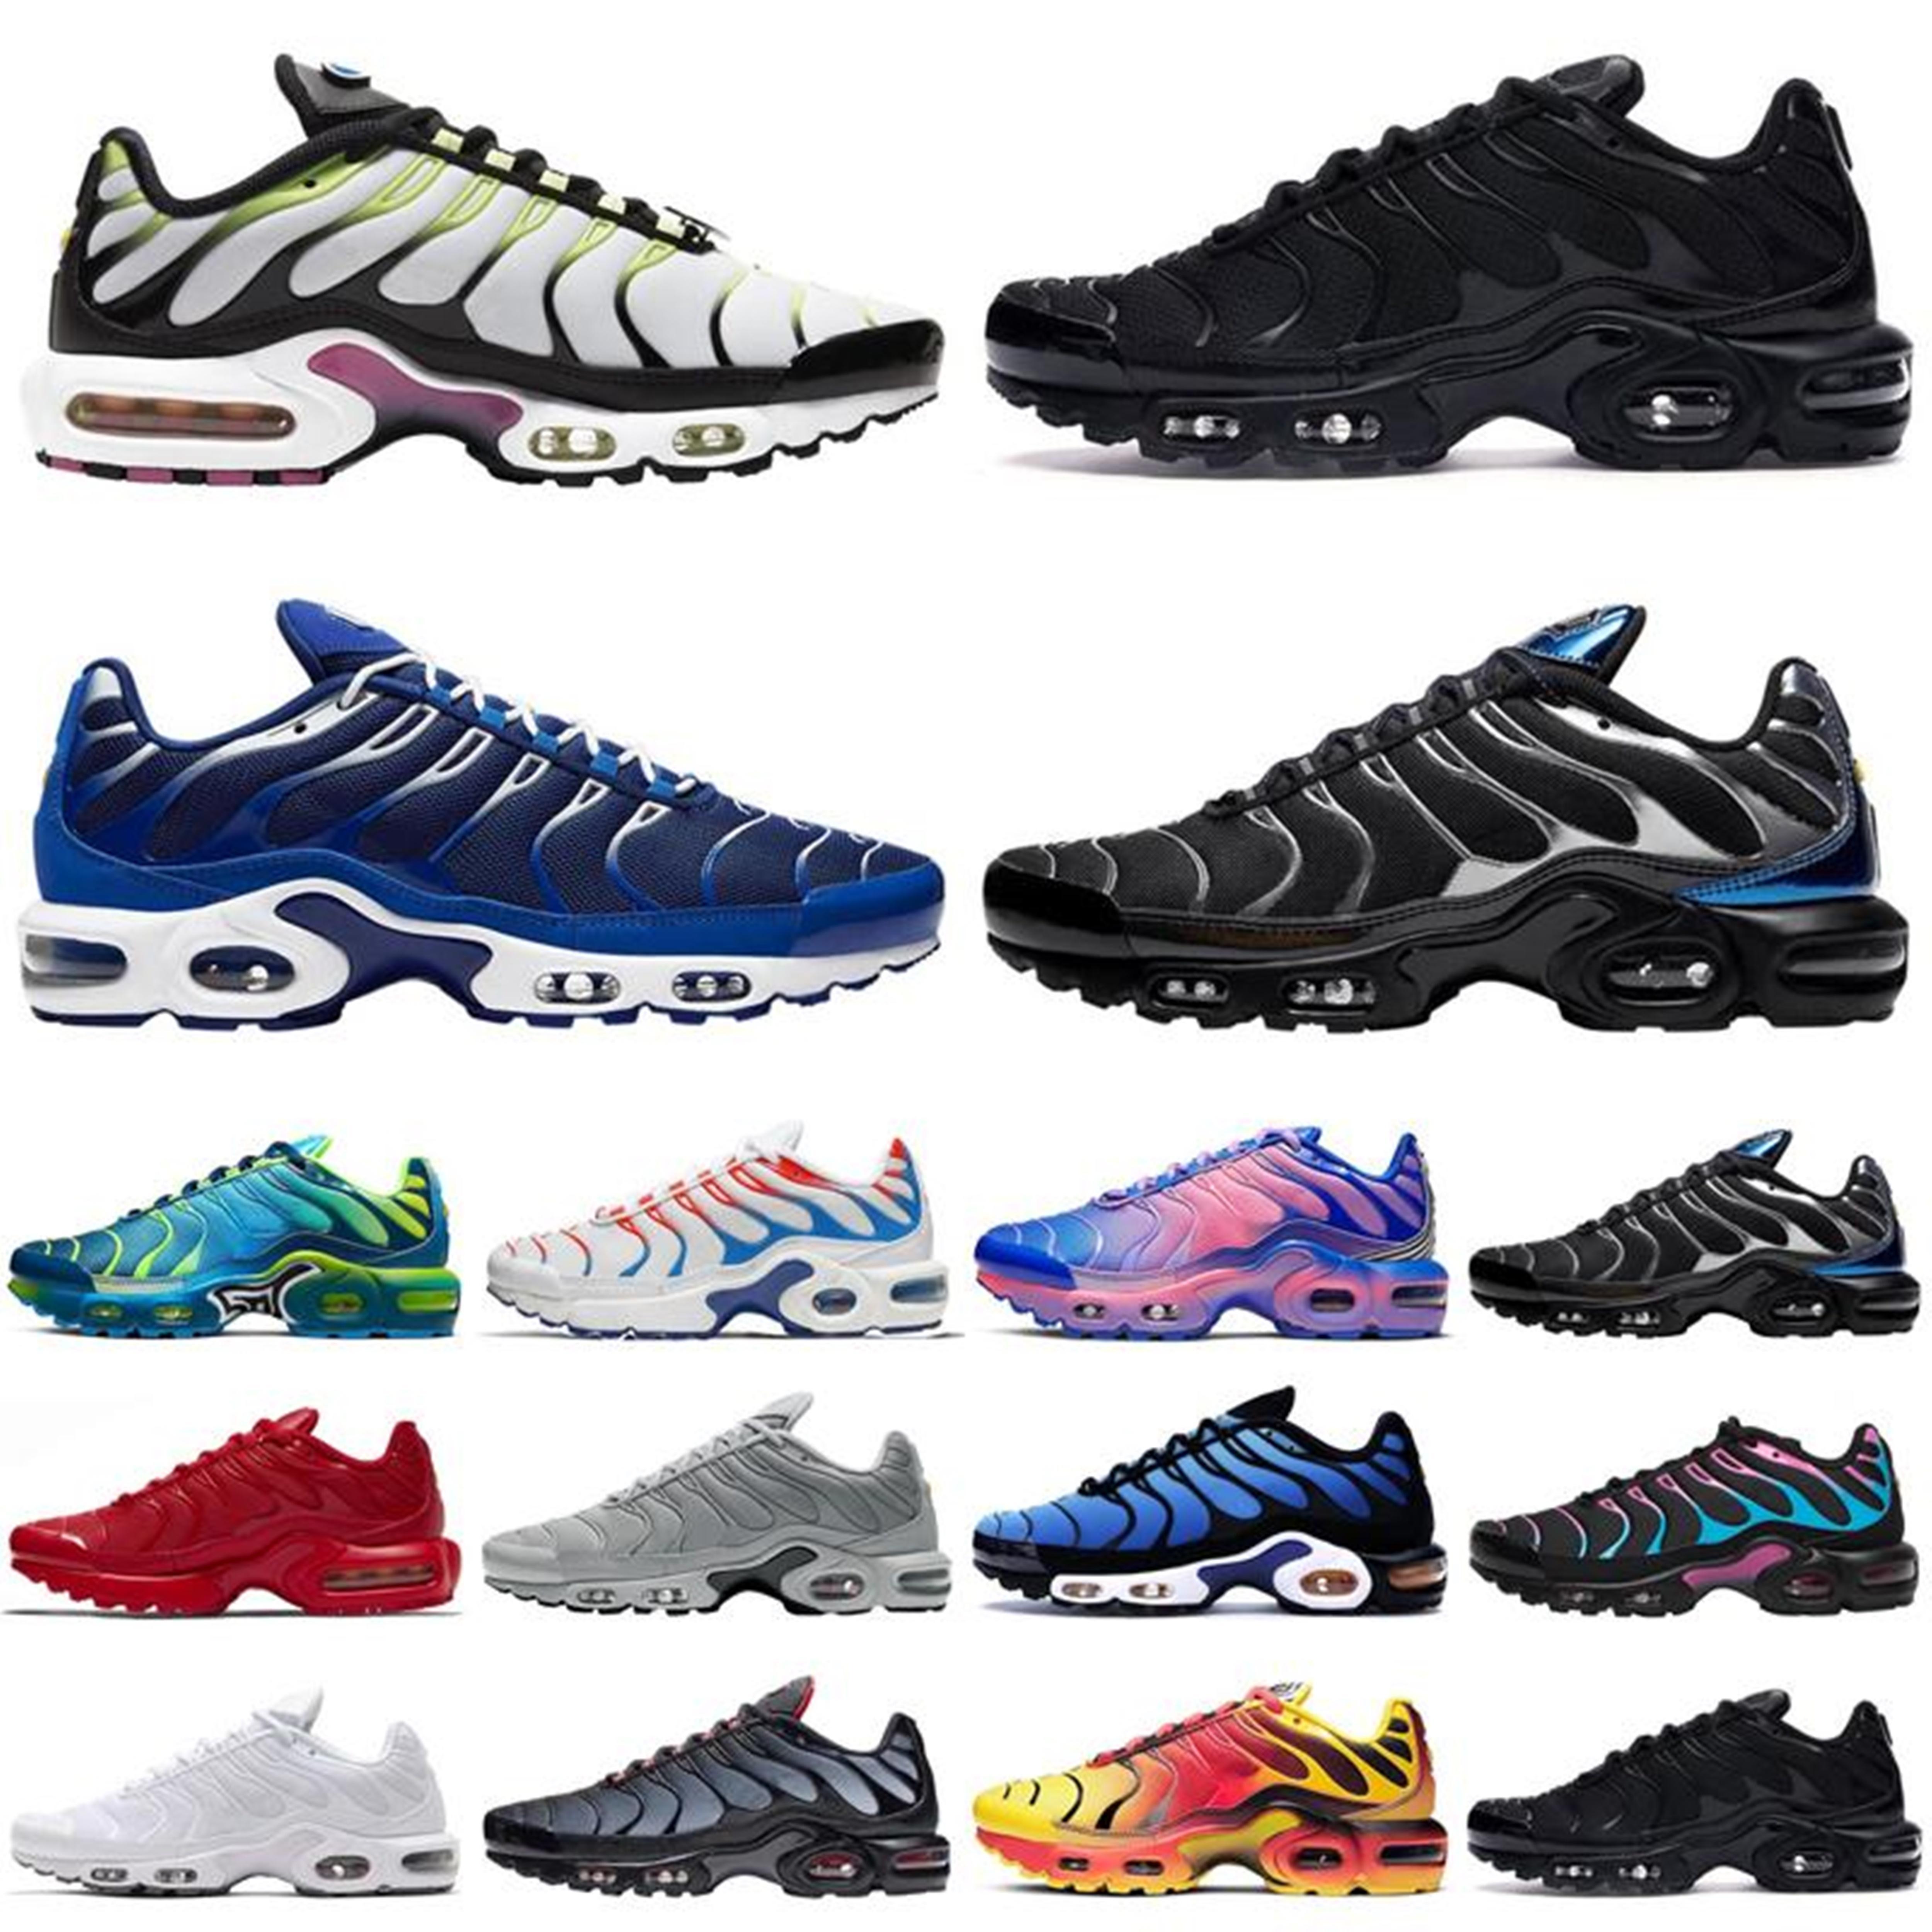 TN PLUS кроссовки мужские белые вольт черный гипер психический синий орео фиолетовый женские дышащие моды спортивные кроссовки кроссовки